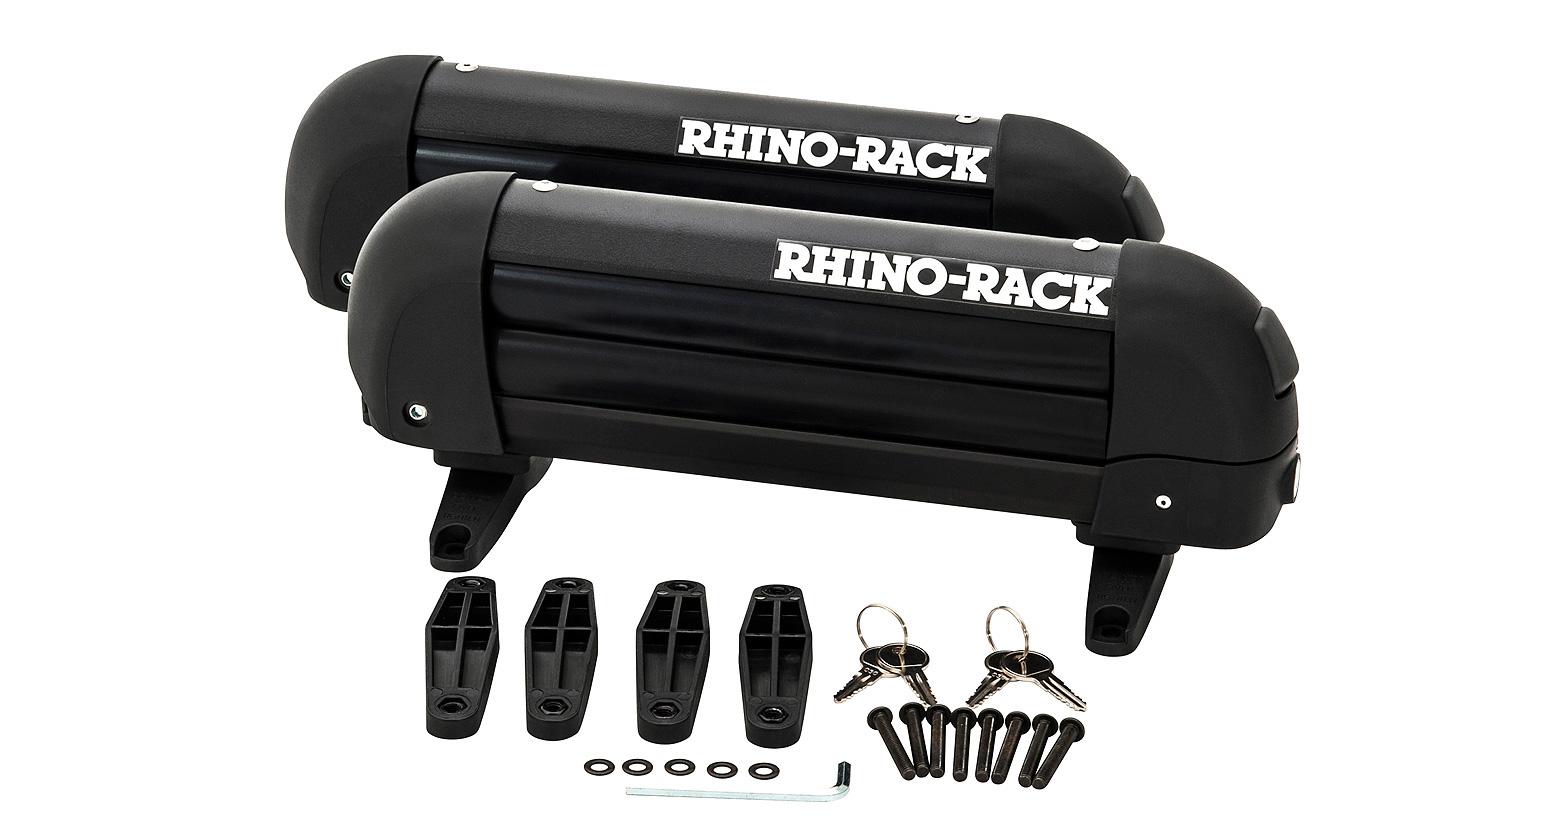 Fishing rod holder 572 rhino rack for Thule fishing rod holder